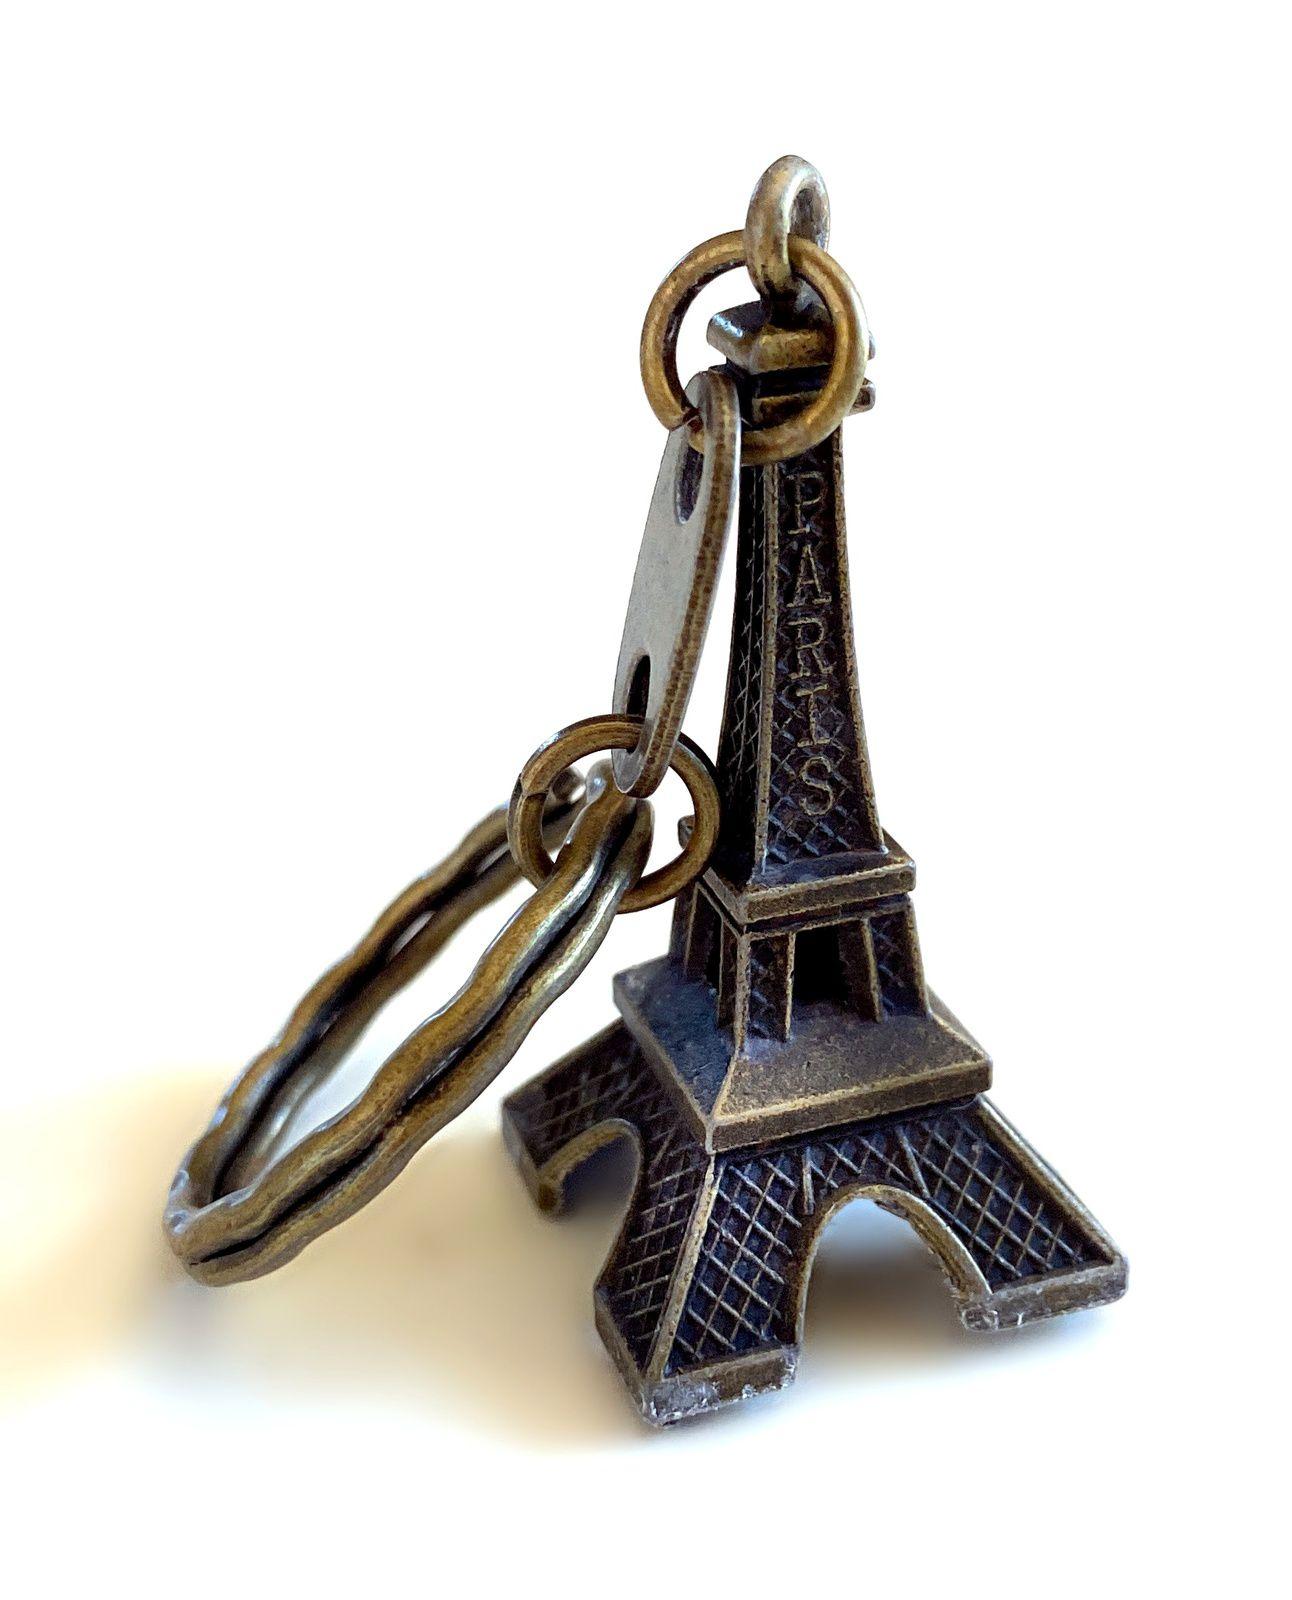 Porte clés Tour Eiffel bronze métal Paris